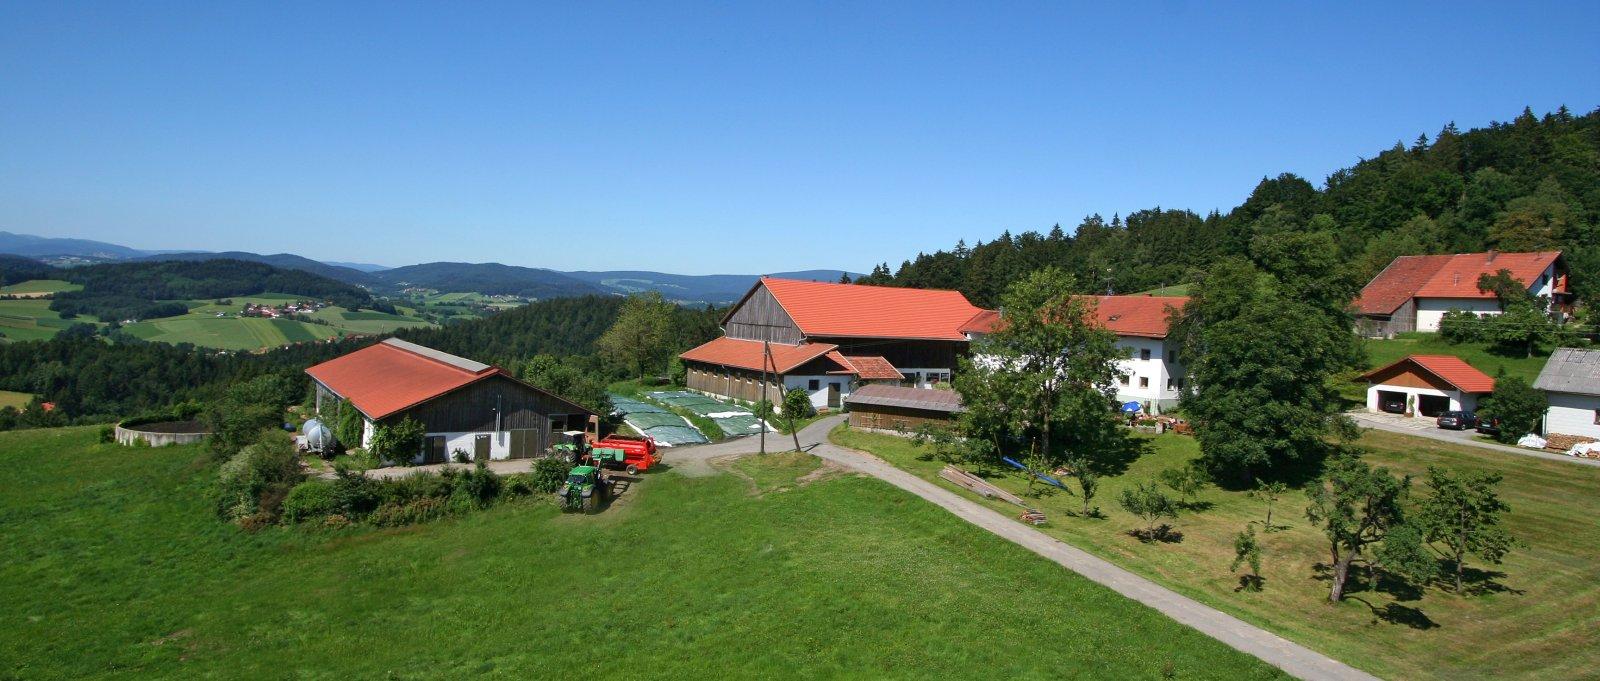 Ferienhof und Familien Bauernhof in Bayern